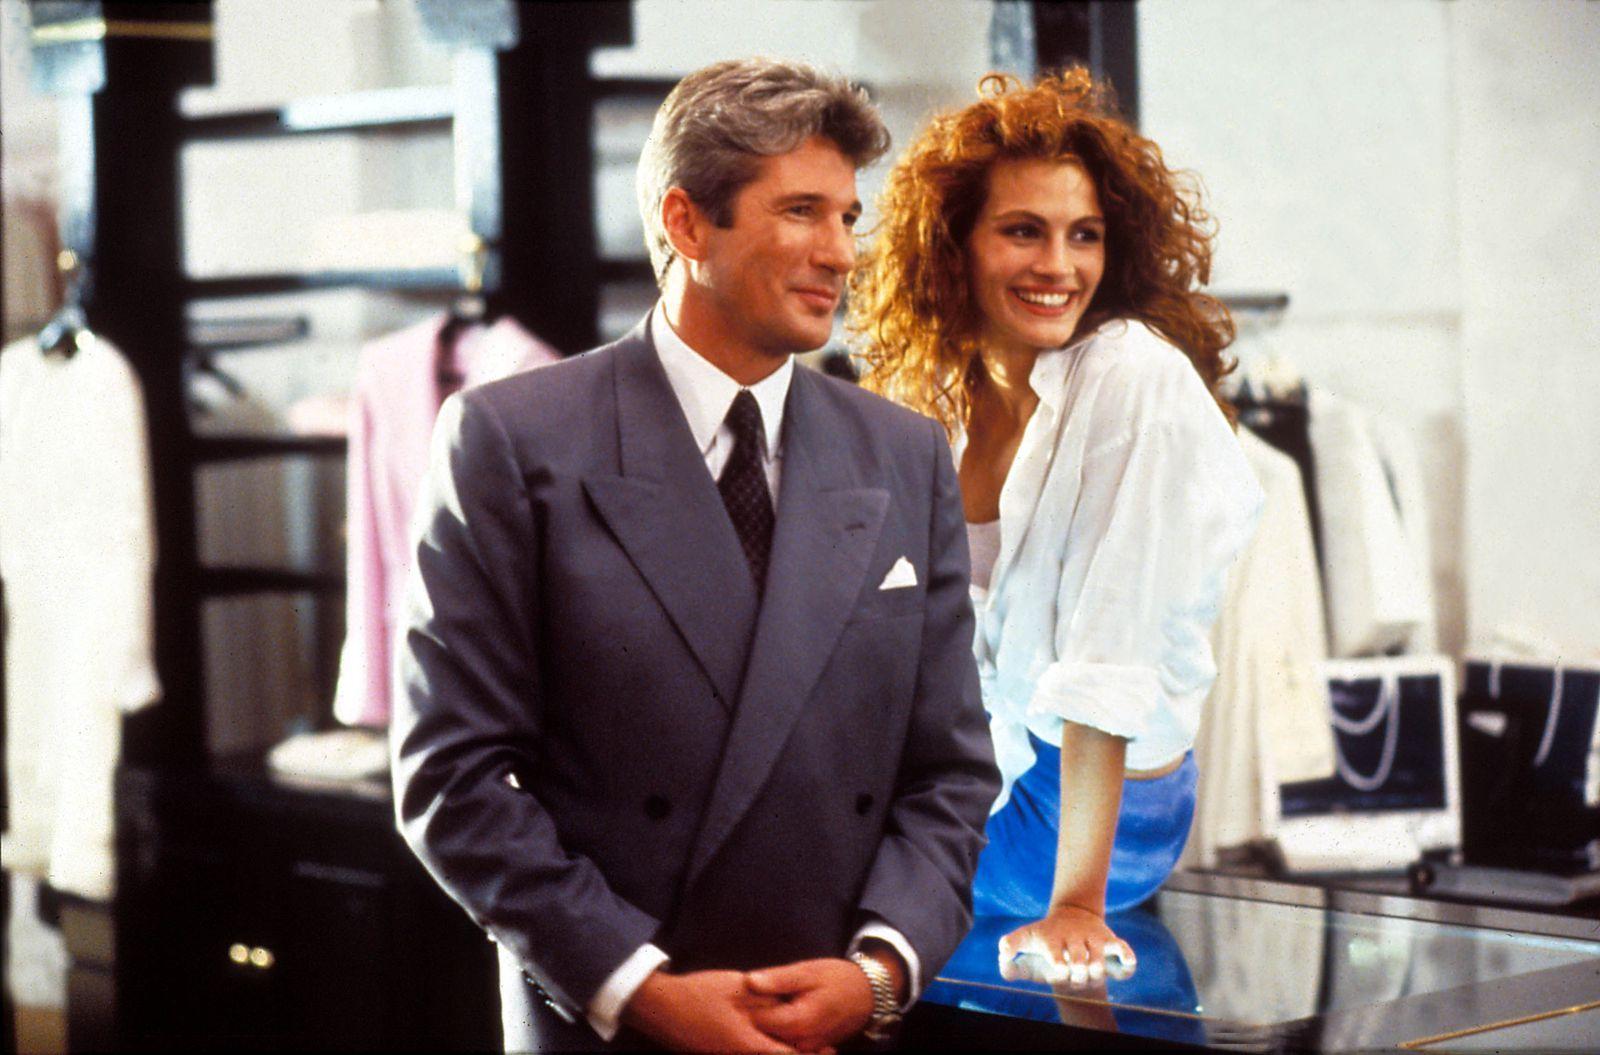 50 Películas De Los 80 Y 90 Que Todo Millennial Debería Ver Peliculas De Los 80 Pretty Woman Richard Gere